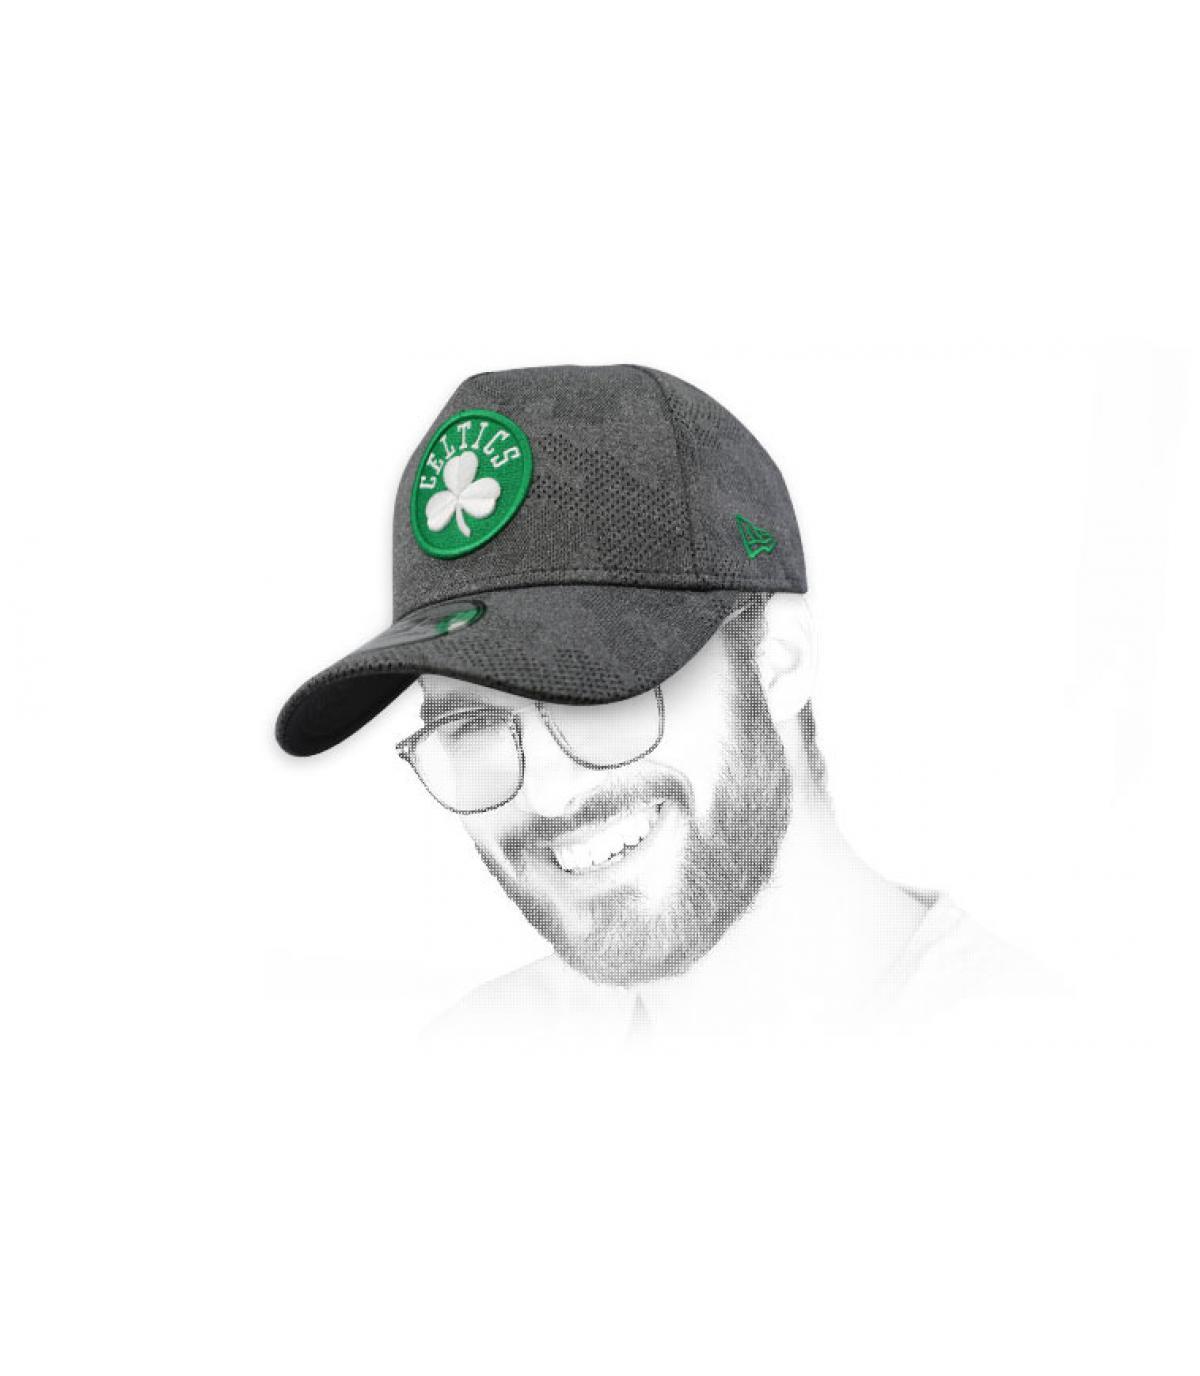 grey Celtics cap